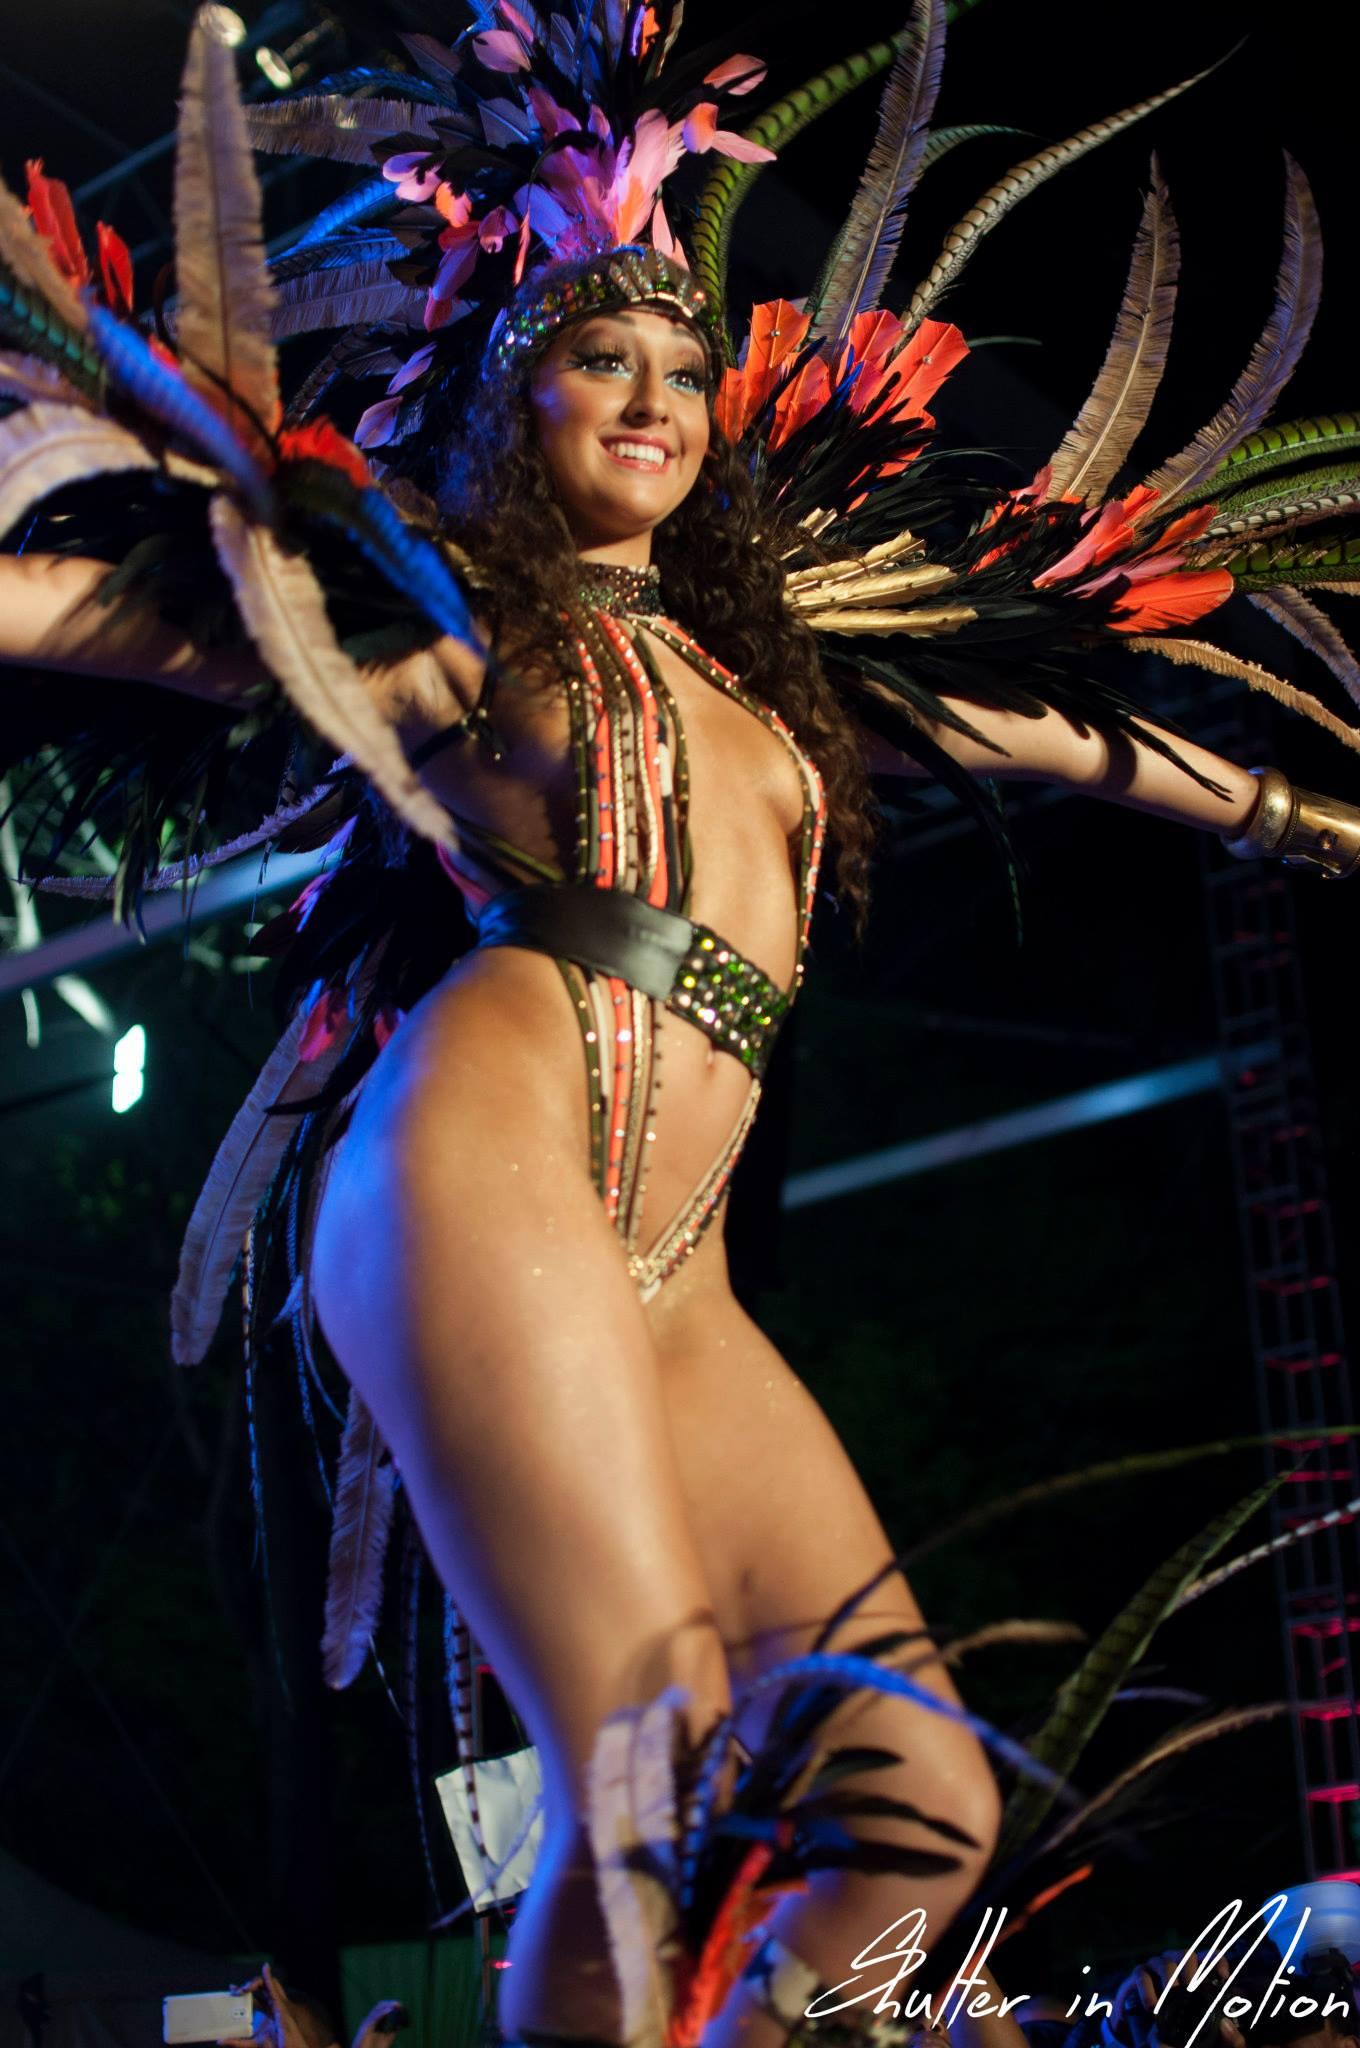 Asswomensexy Trinidad Hot Models Pics